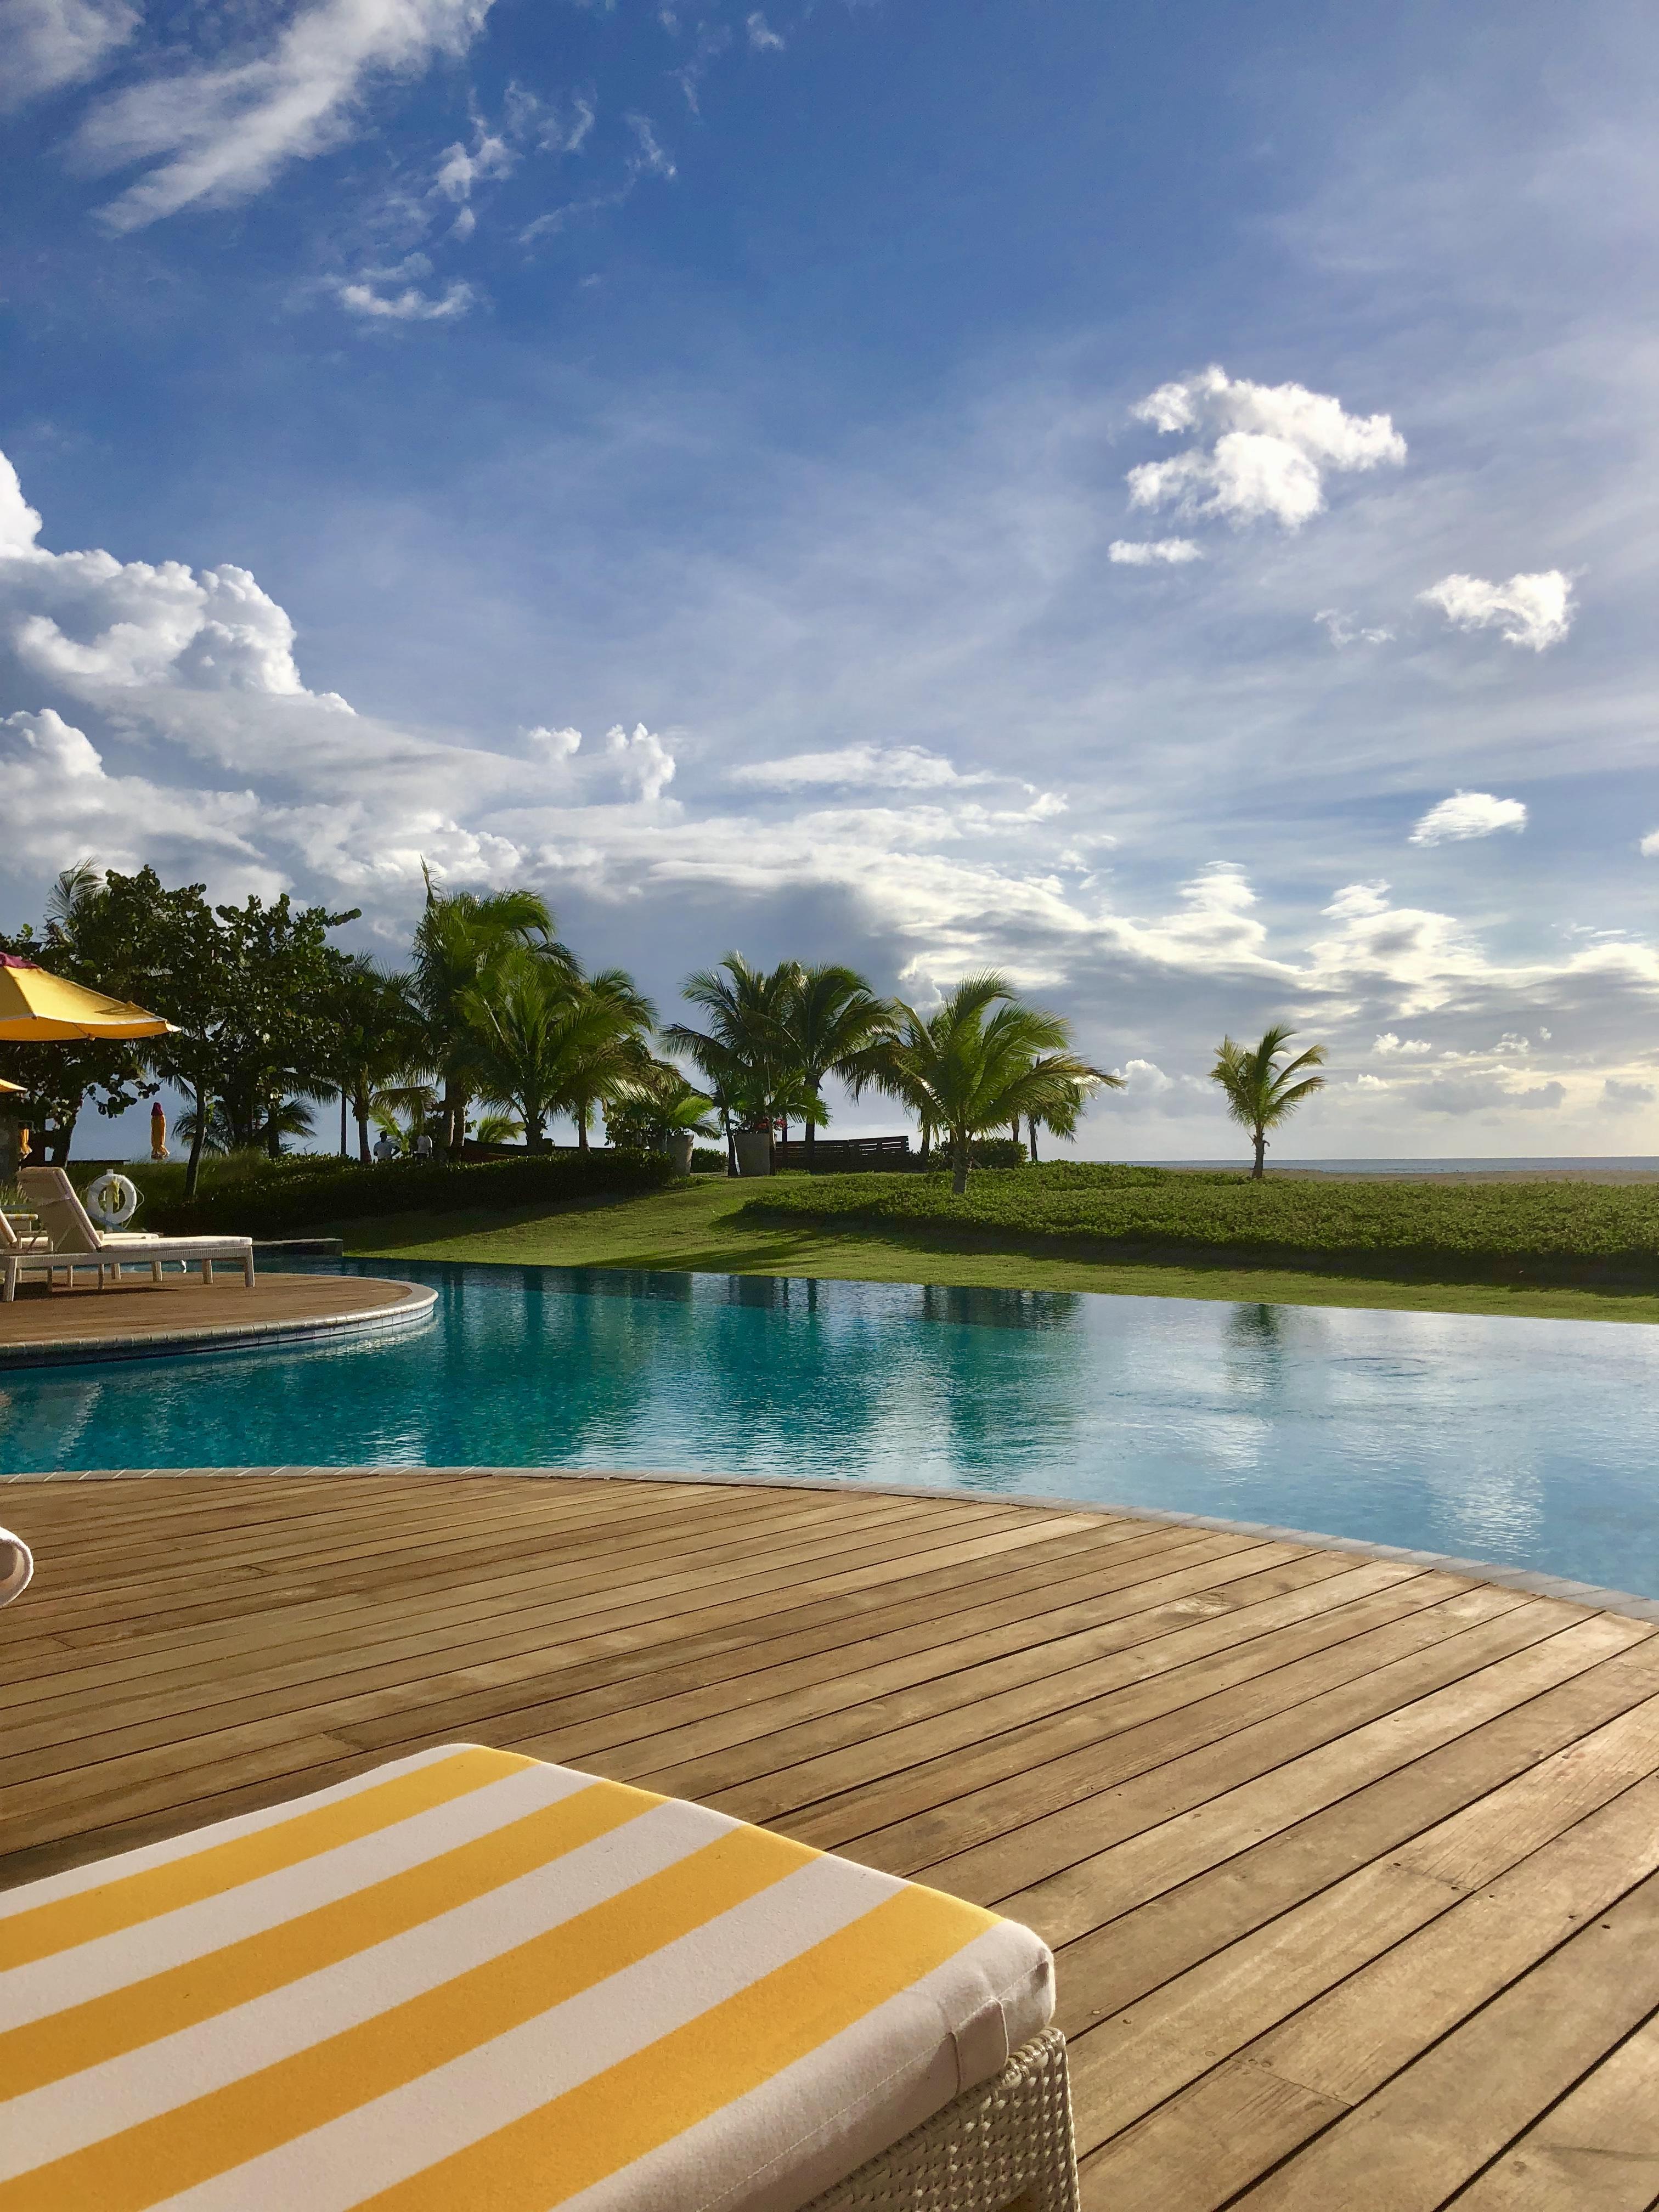 four seasons, four seasons nevis, st. kitts, nevis, caribbean, resort, hotel, ocean, pool